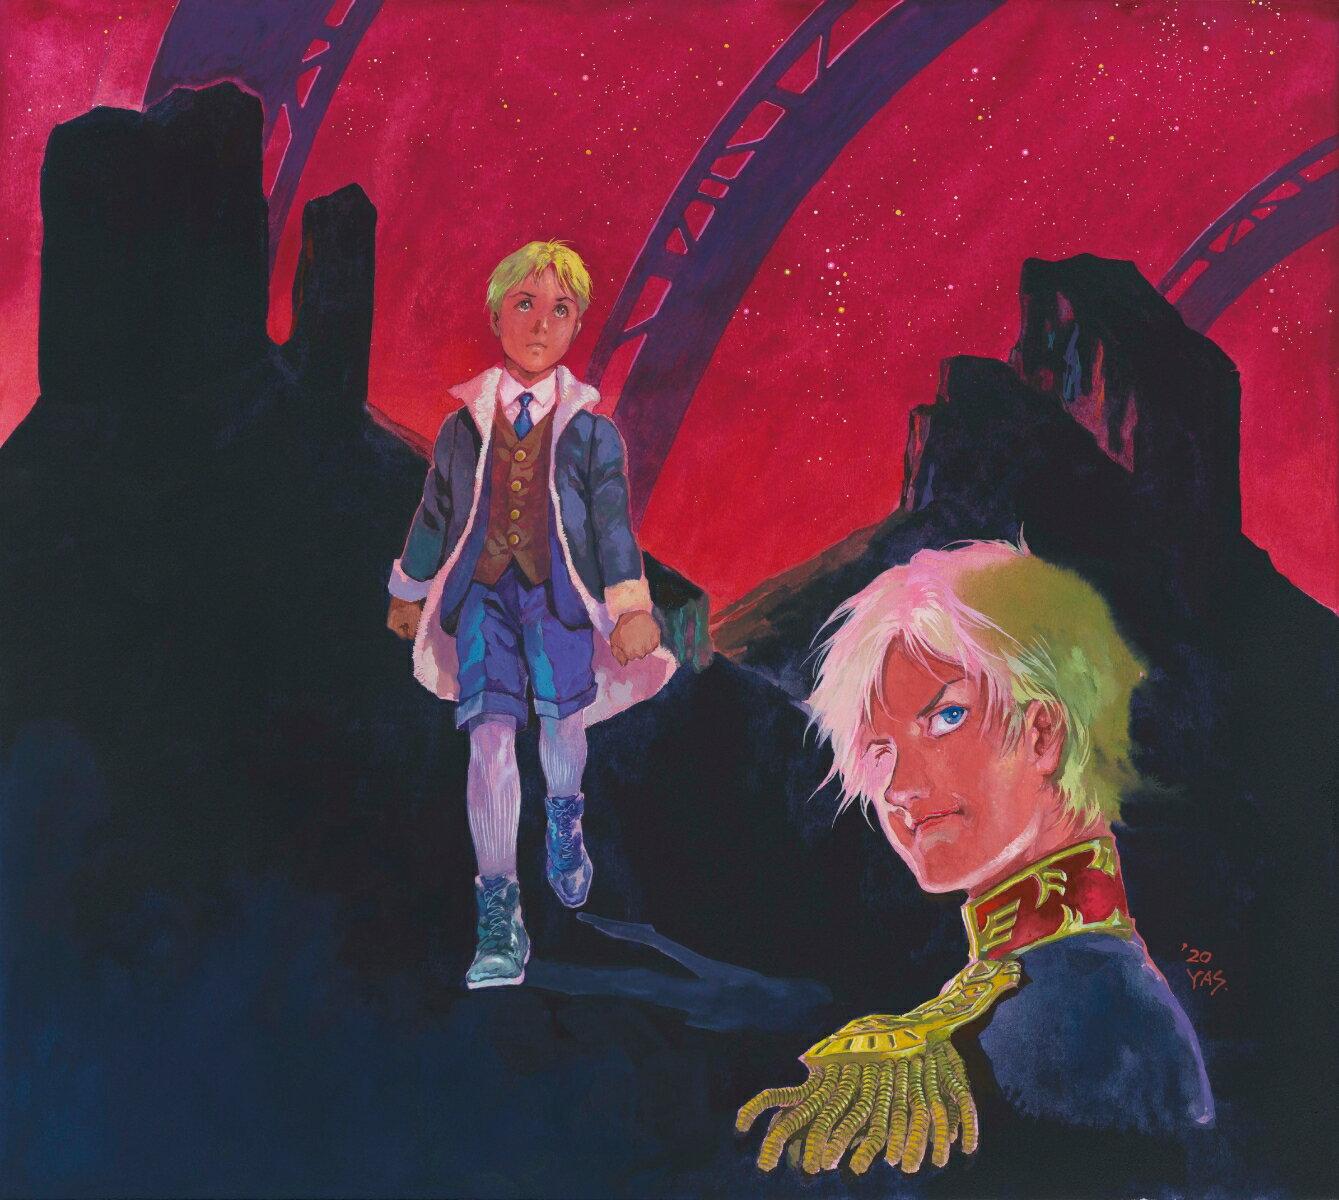 機動戦士ガンダム 40th Anniversary Album 〜BEYOND〜 (完全生産限定盤[2CD+Blu-ray+特製ブックレット]THE ORIGIN 特別版)画像